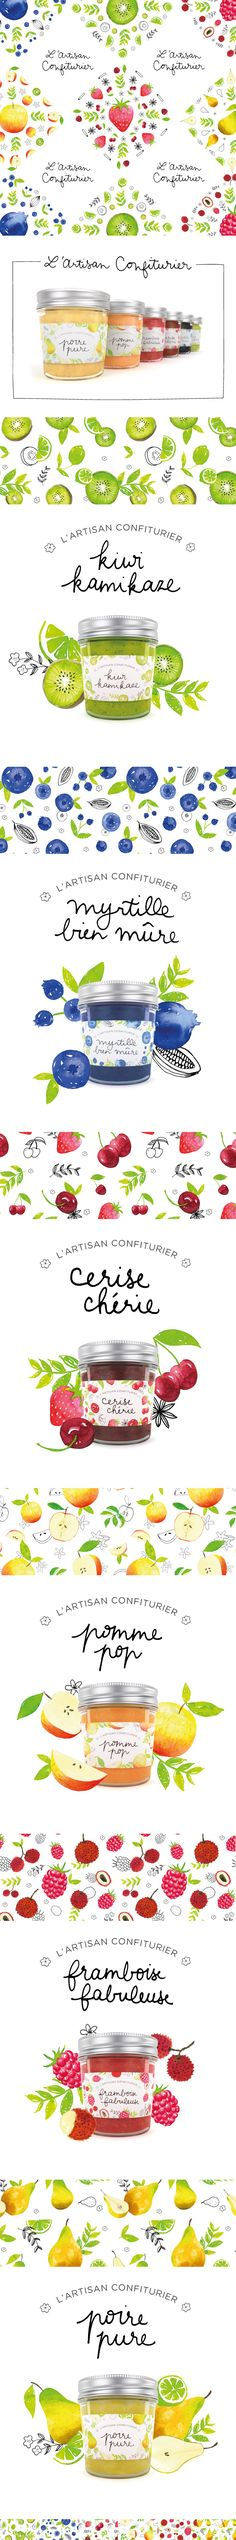 Illustrated Marmelade Packaging by Nathalie Ouederni & Juan Carlos Blanco — PD